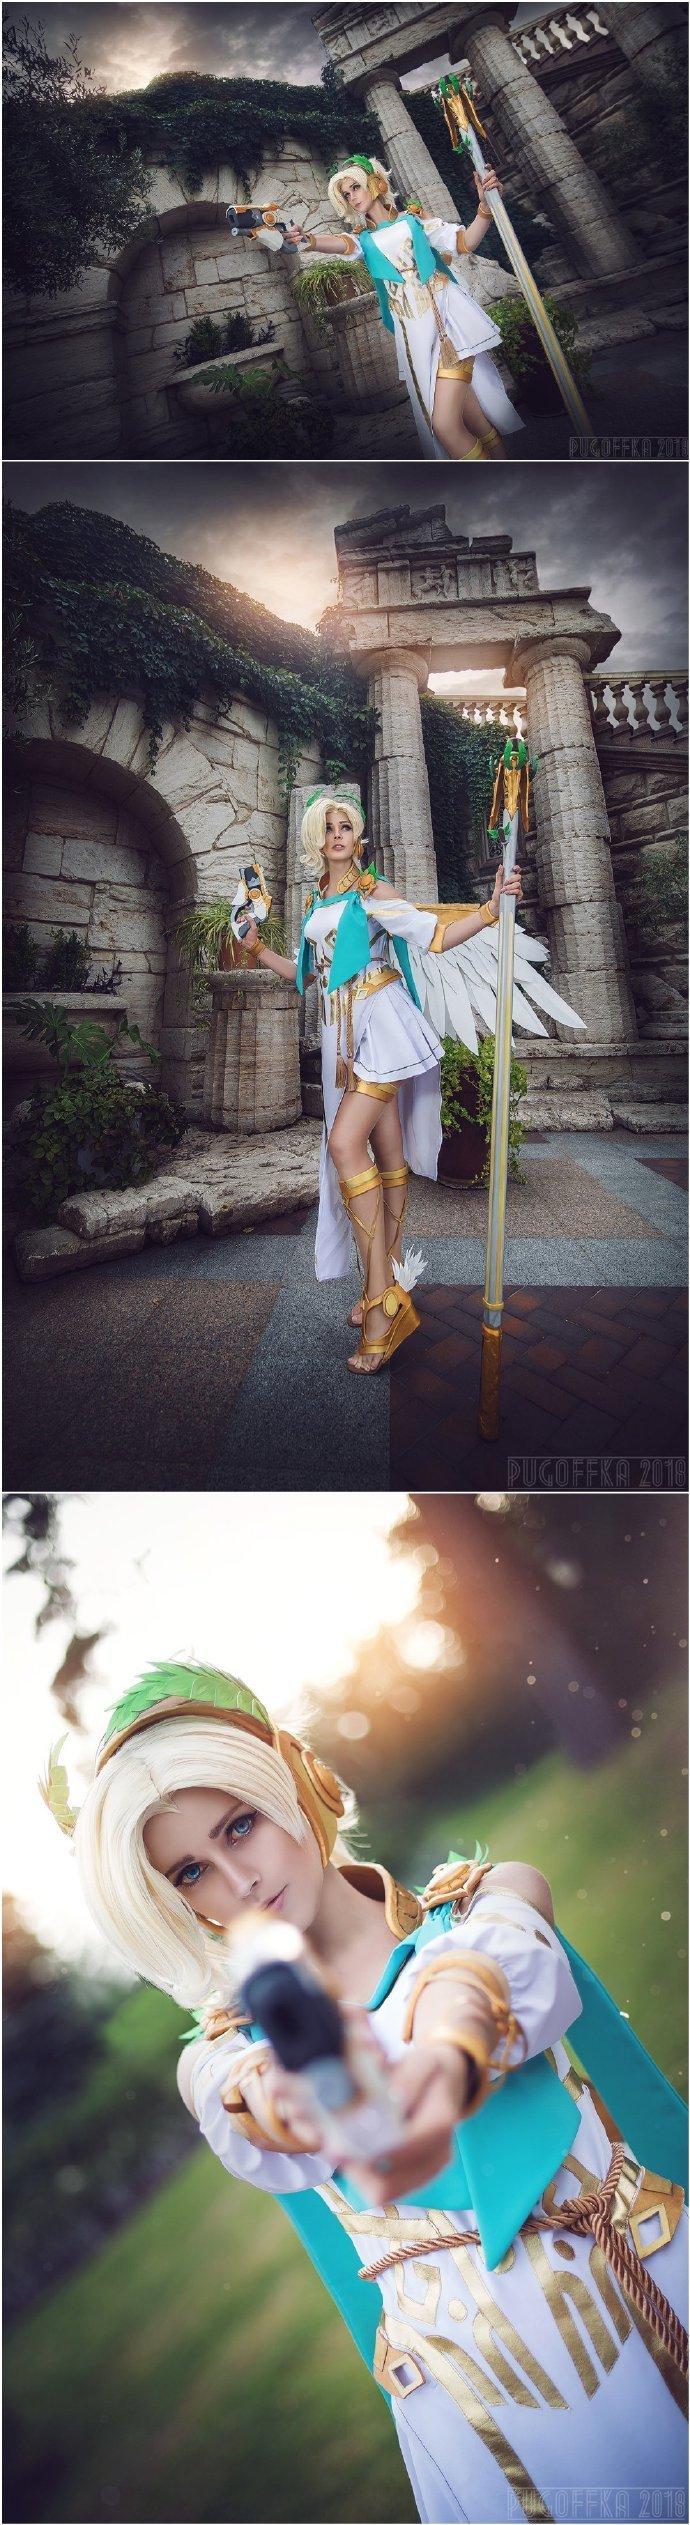 国外美女COS《守望先锋》胜利女神天使 大长腿吸睛